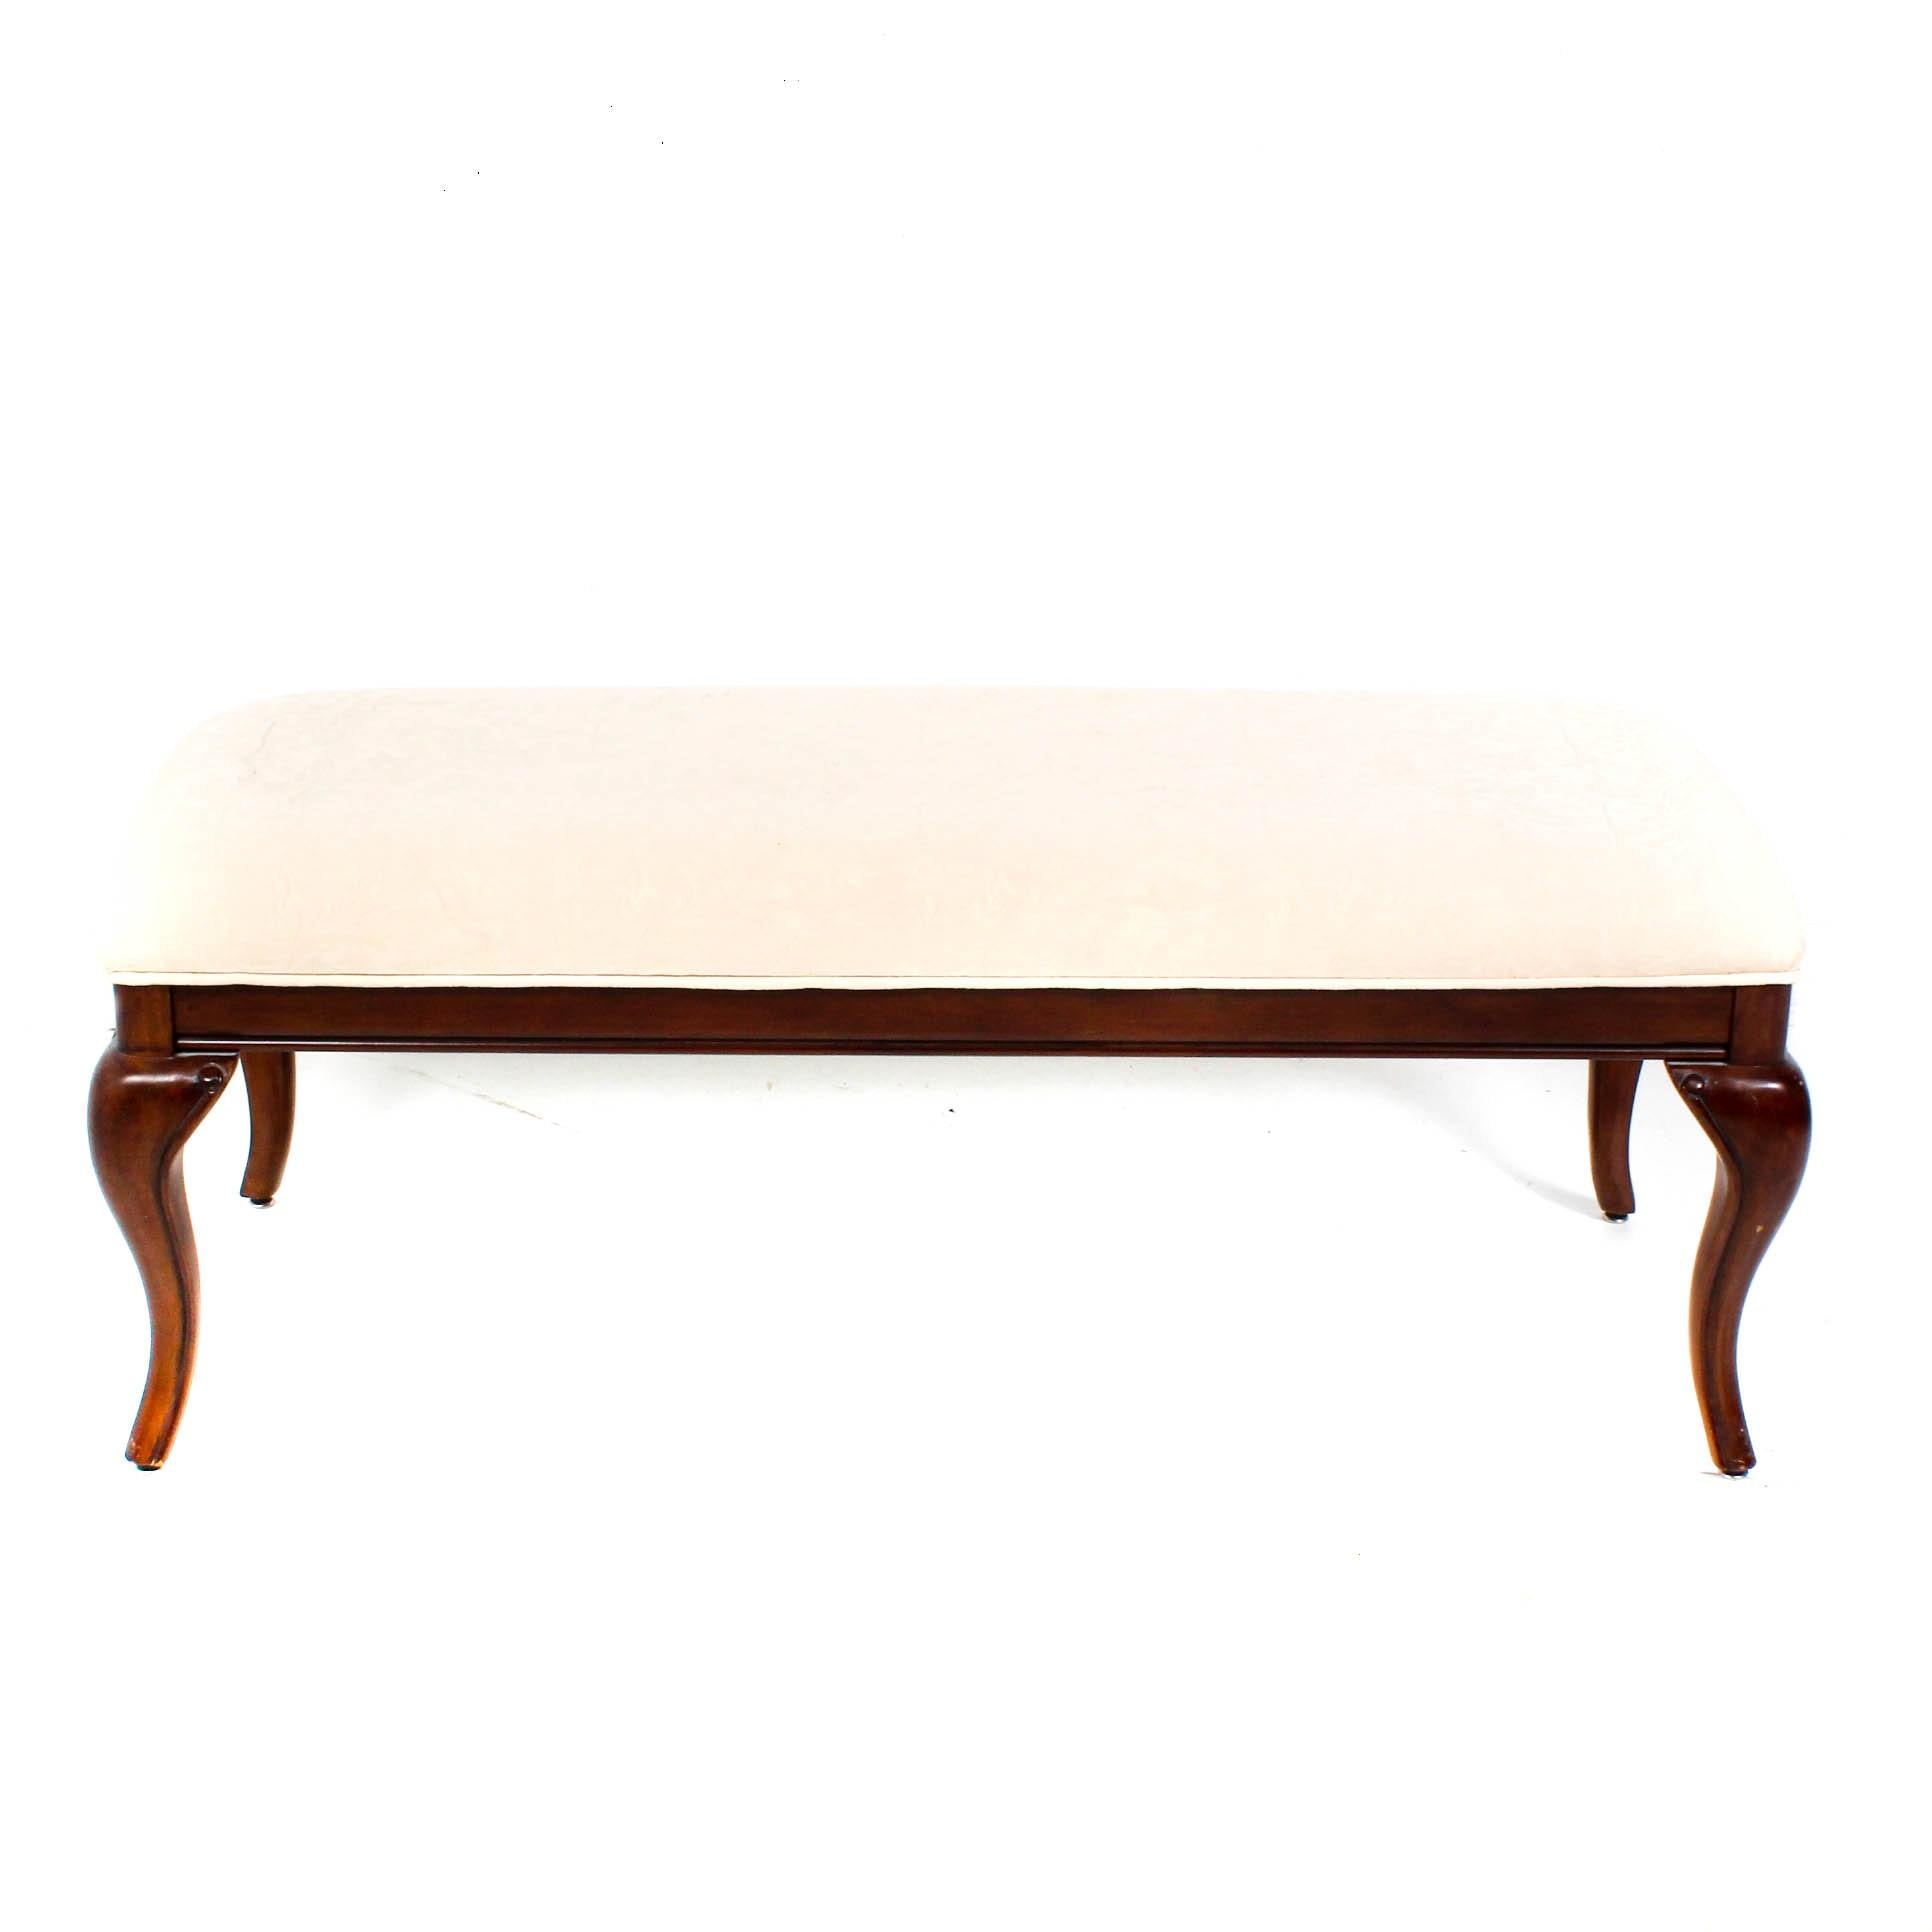 Cream Upholstered Long Bench